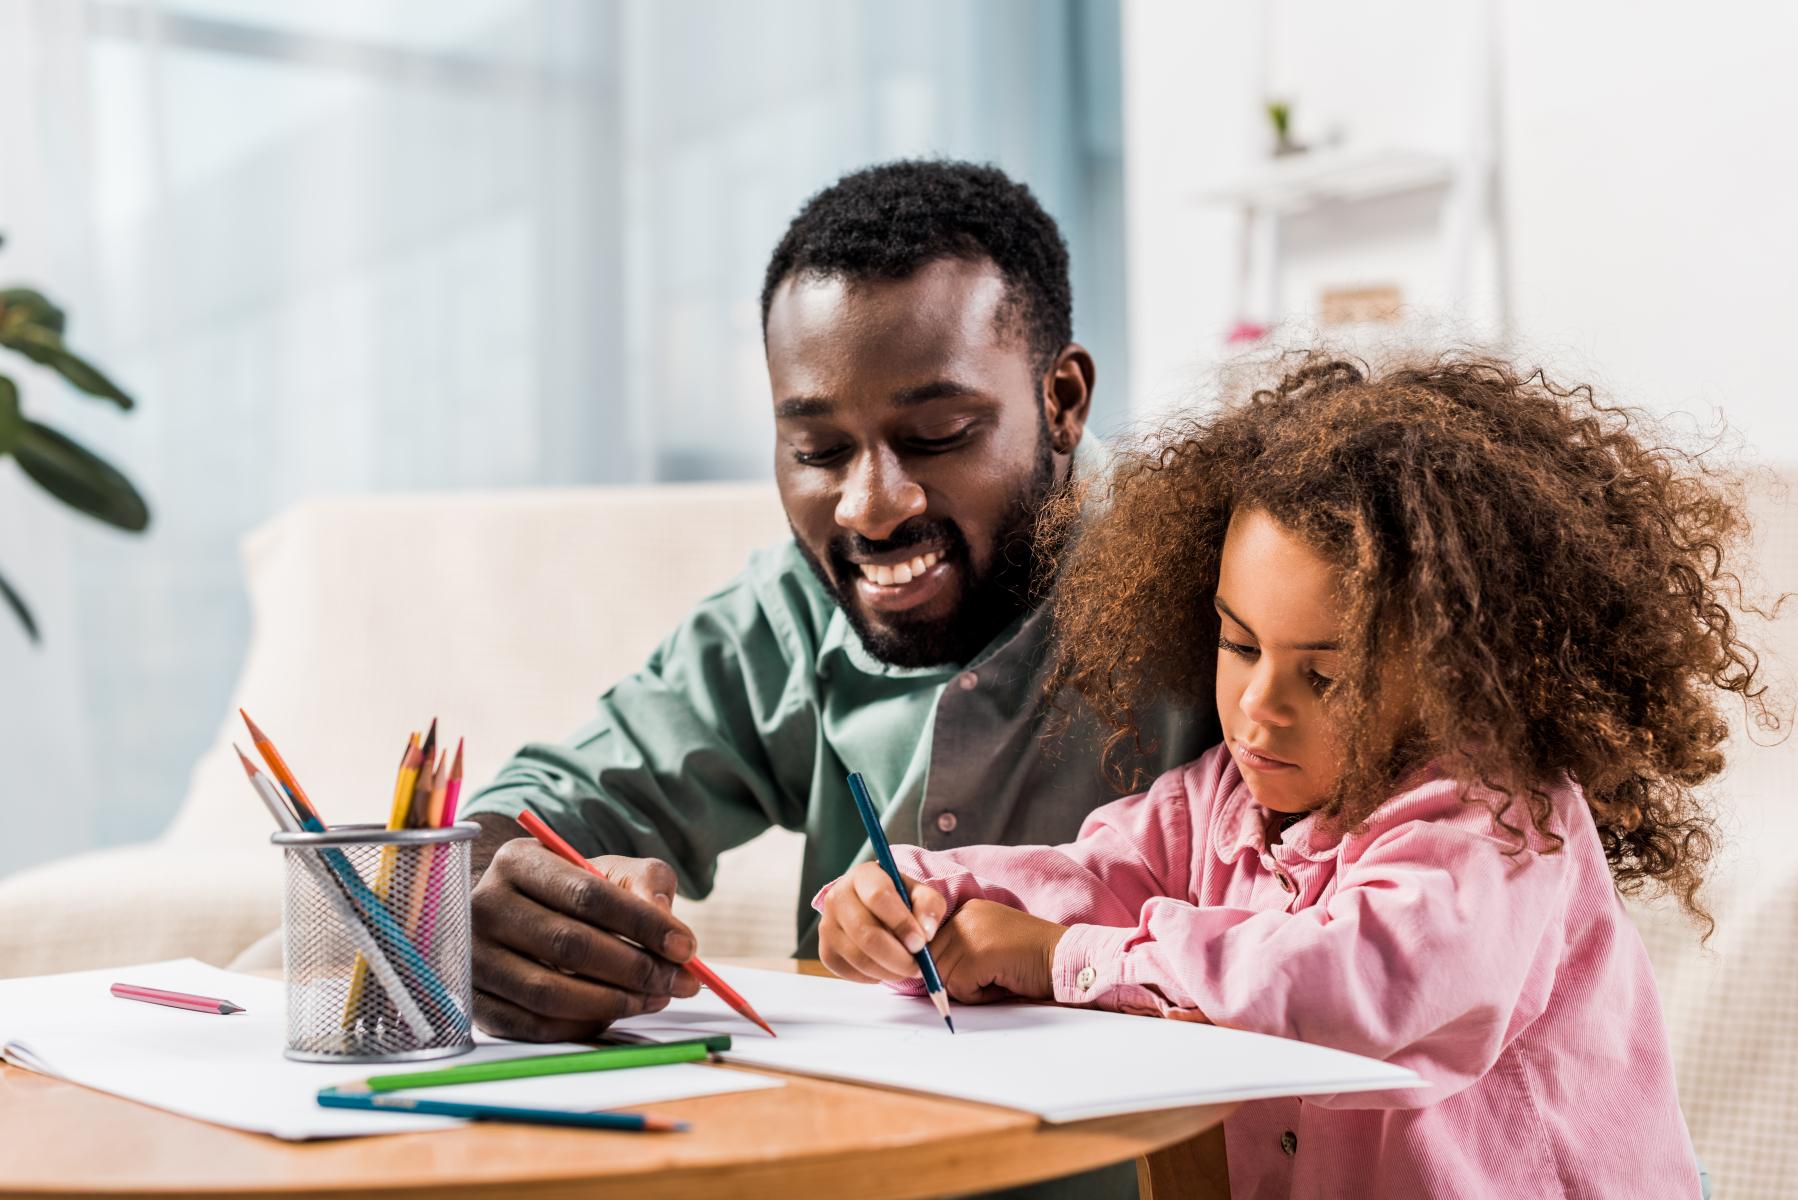 En pappa med sin dotter sitter vid ett bord och ritar med färgpennor.